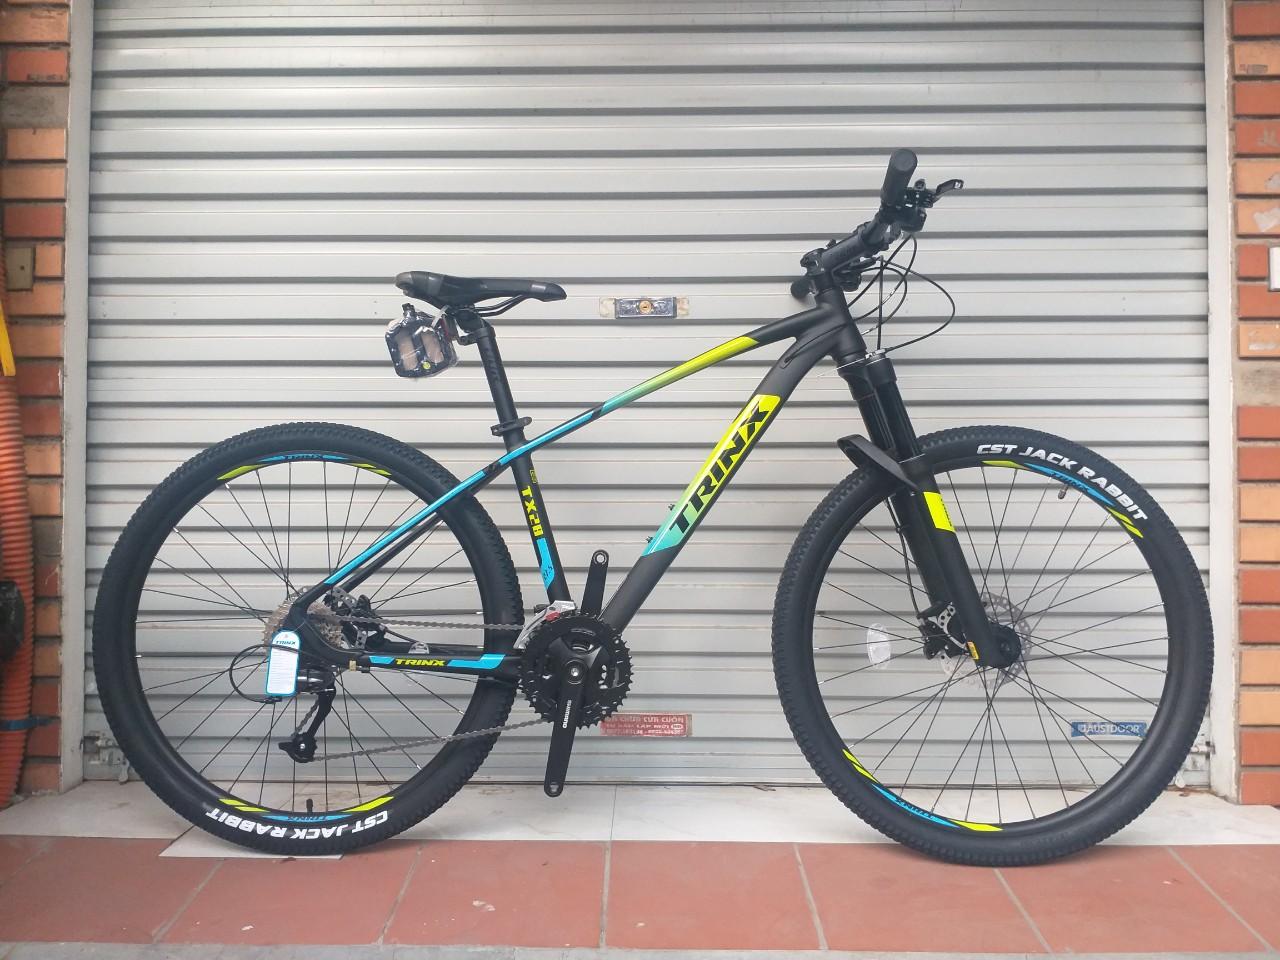 trinx tx28 2020 11 - Bán xe đạp TRINX TX28 27.5 2020